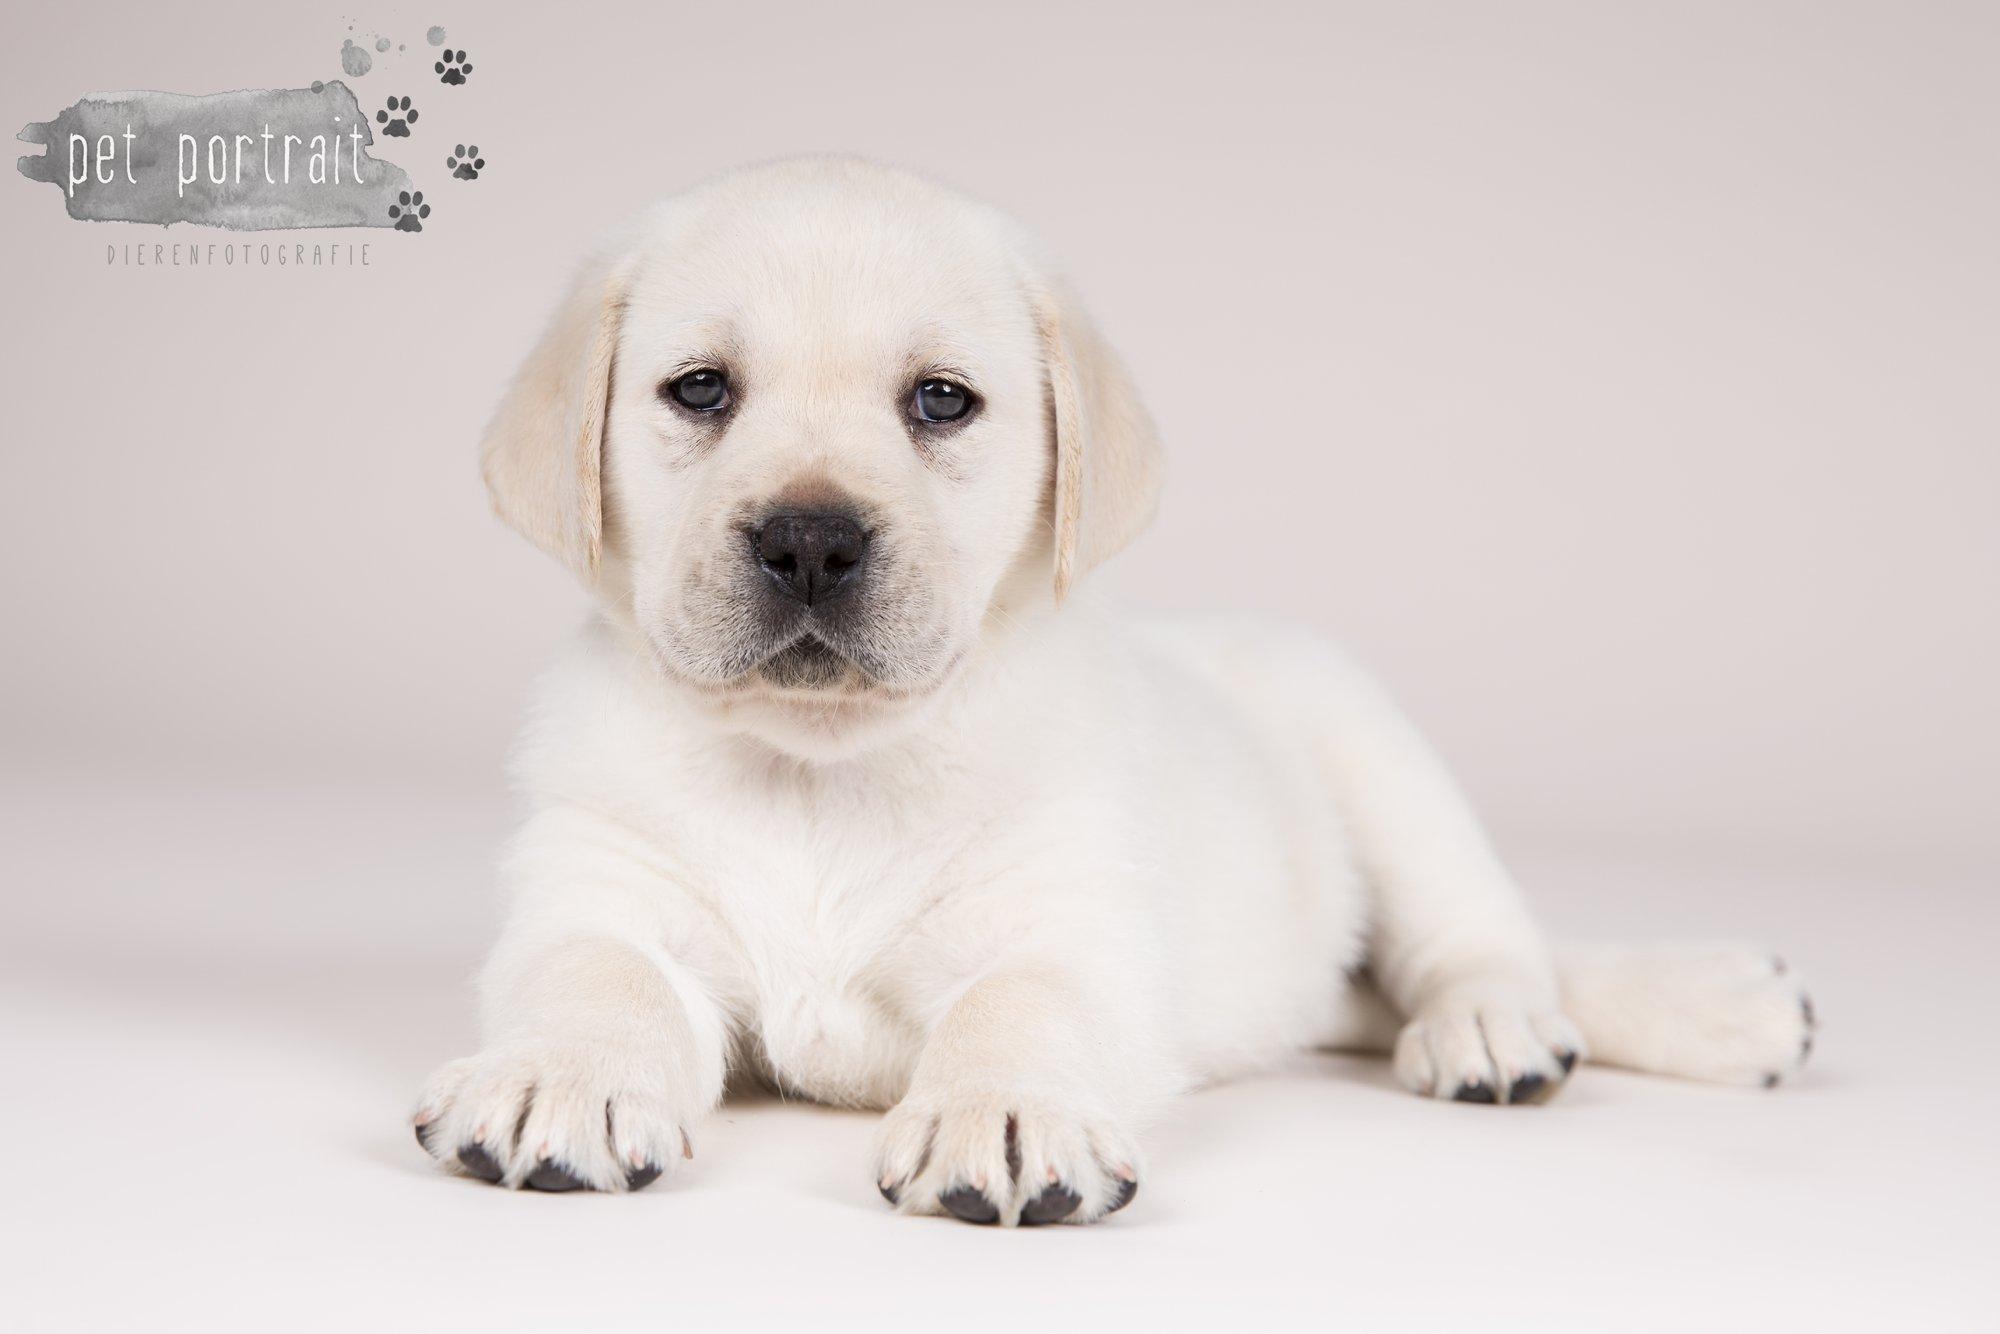 Hondenfotograaf Hillegom - Nestfotoshoot voor Labrador pups-19